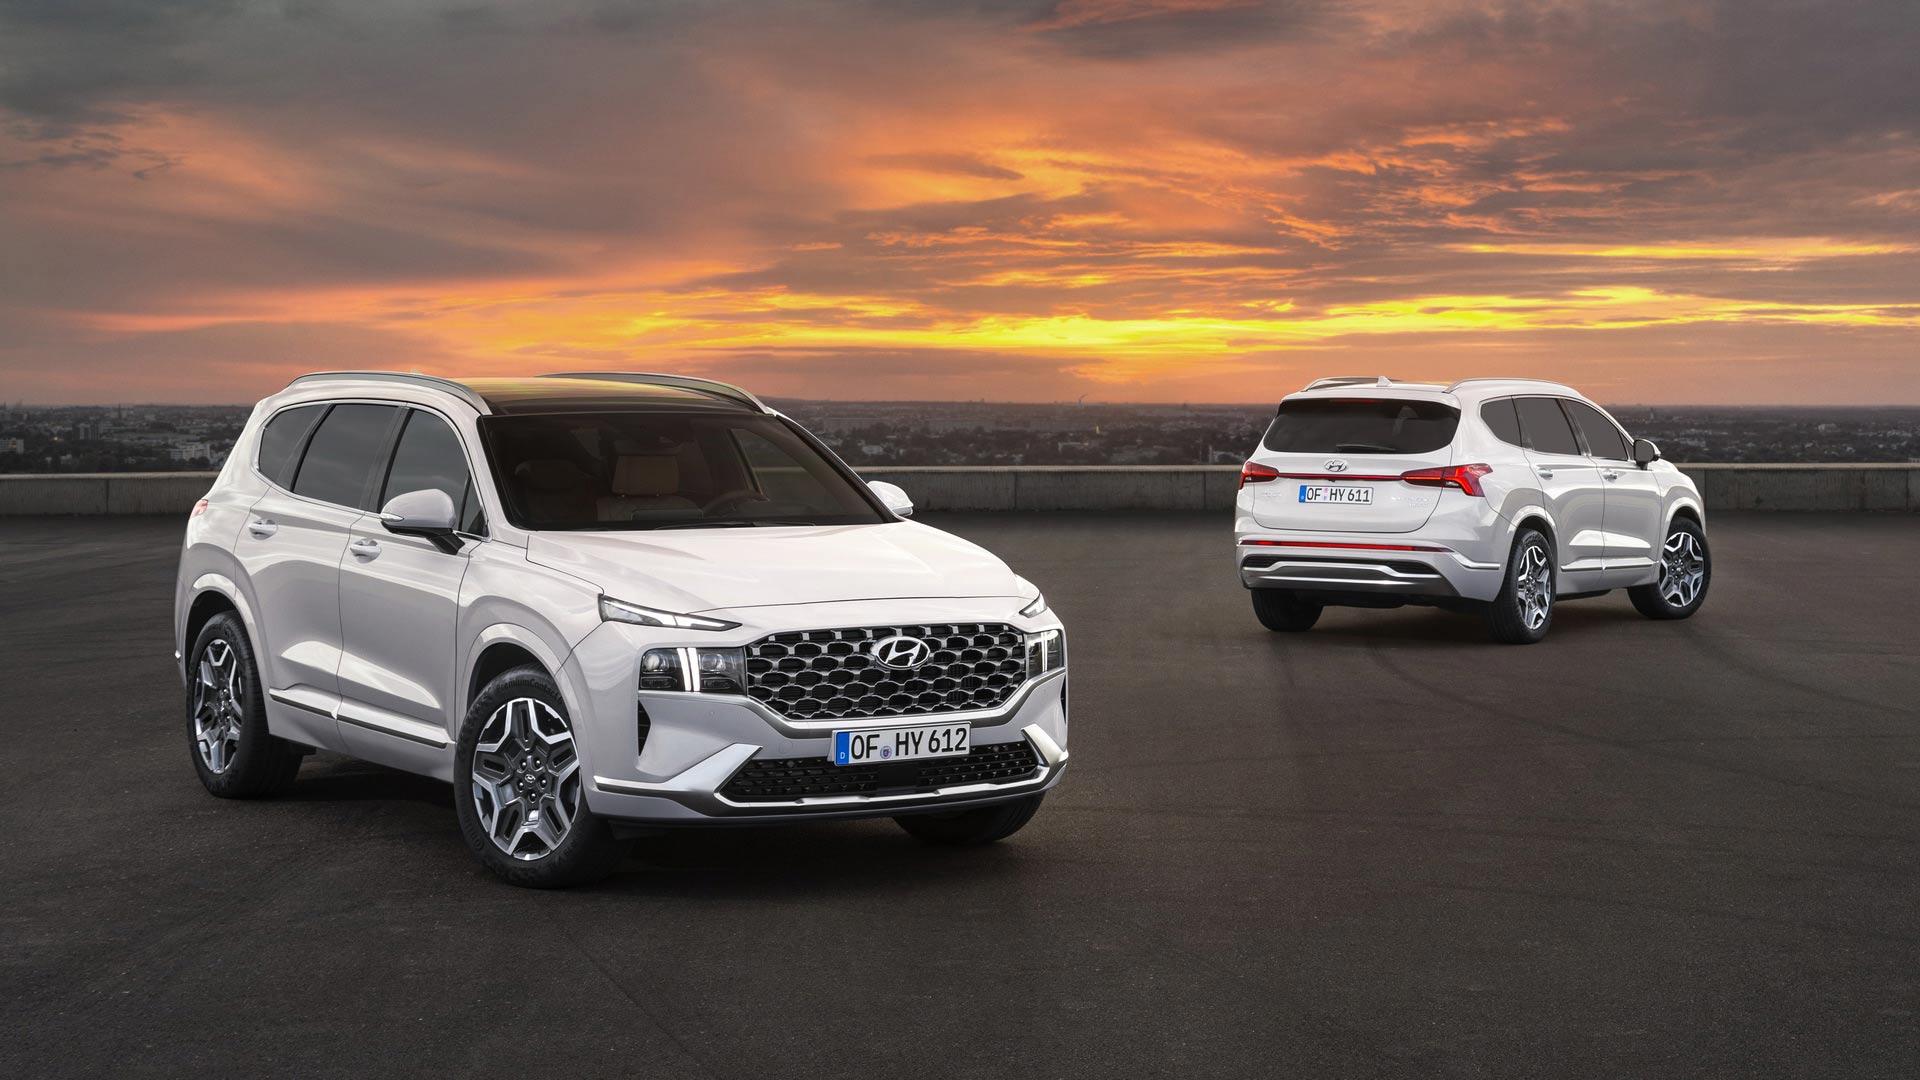 Chi tiết Hyundai Santa Fe 2021 phiên bản tiết kiệm nhiên liệu